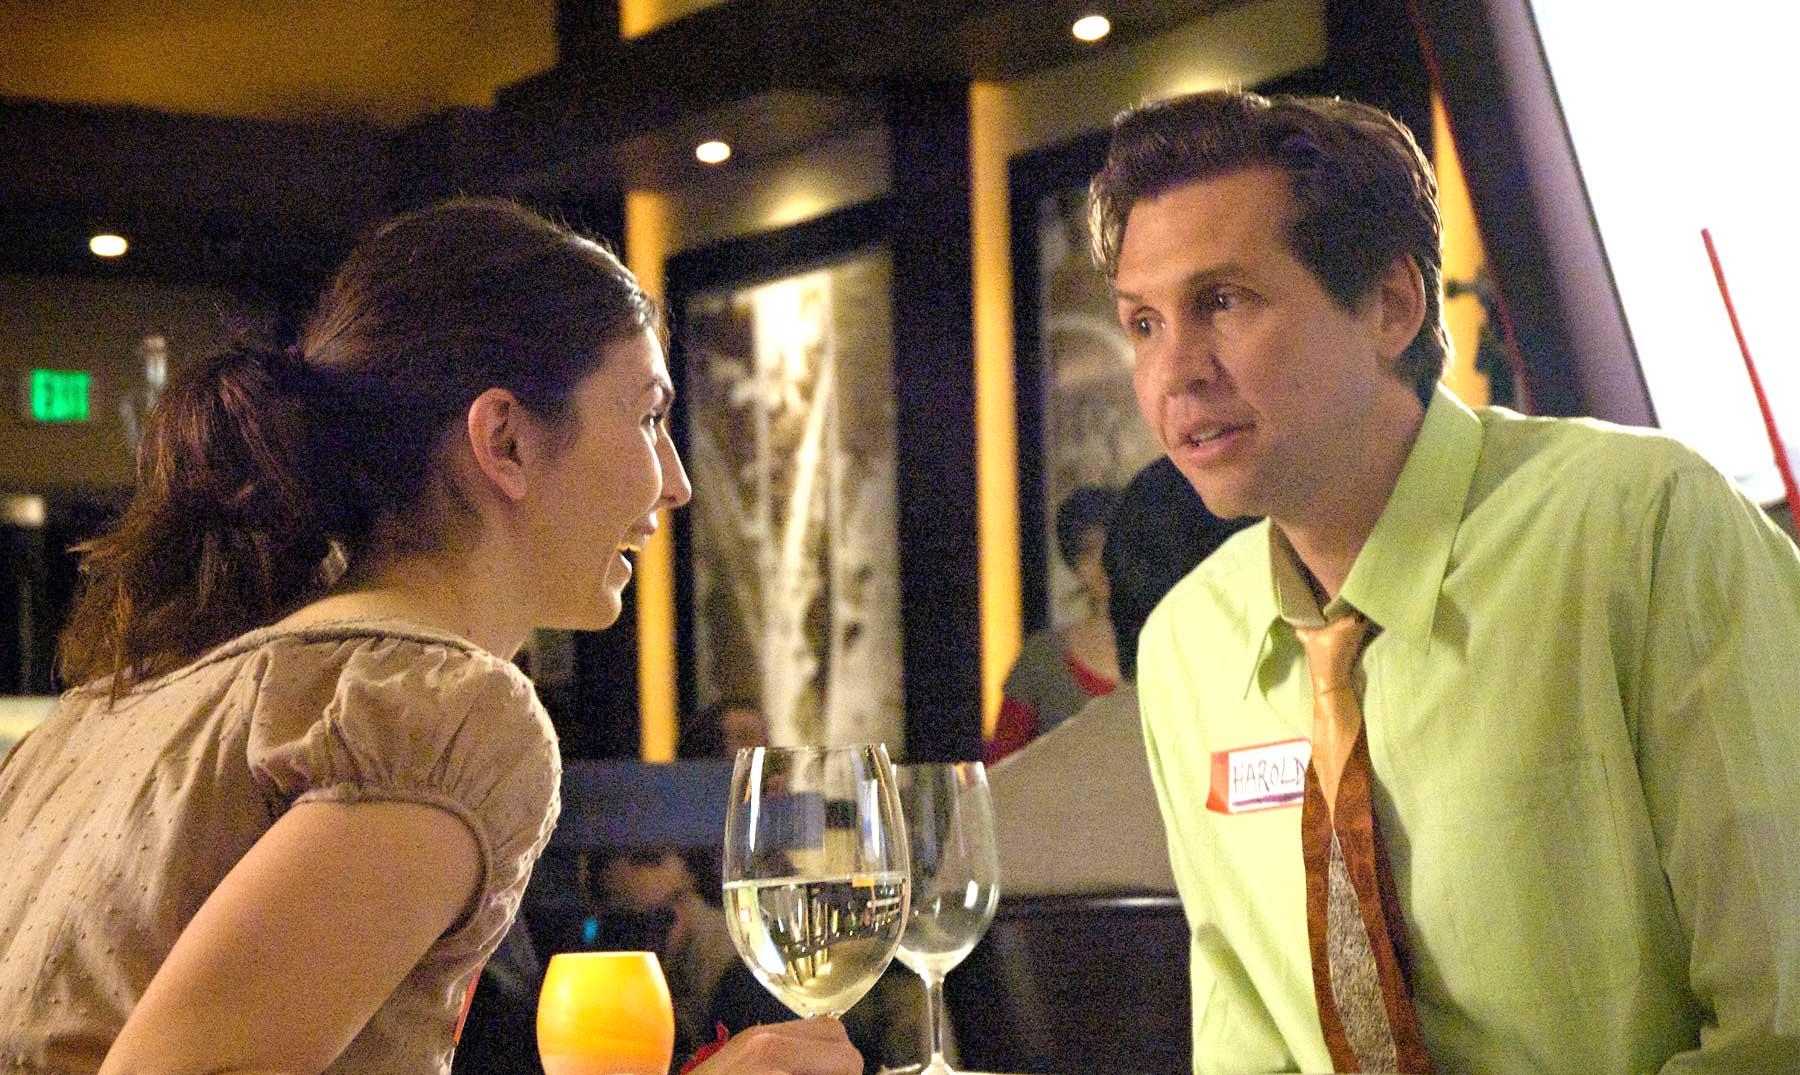 Mentiras típicas de la 1ª cita: ¿las reconoces?